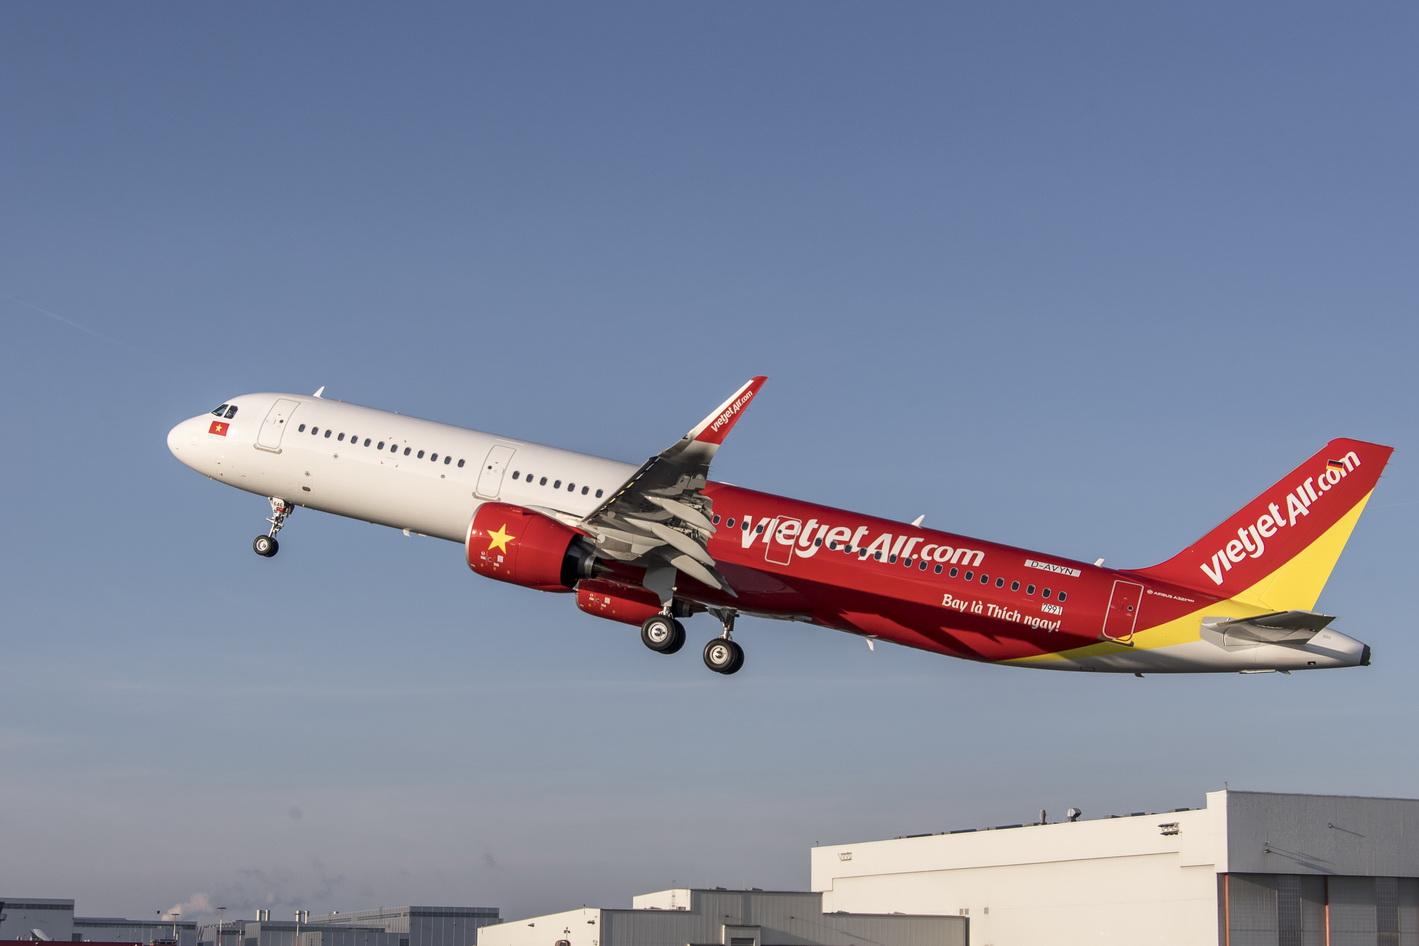 'ไทยเวียตเจ็ท' รุกหนัก เพิ่มฝูงบินใหม่ A321 รับดีมานต์โตต่อเนื่อง-จ่อเปิดเส้นทางบินเพิ่มไฮซีซั่น 61